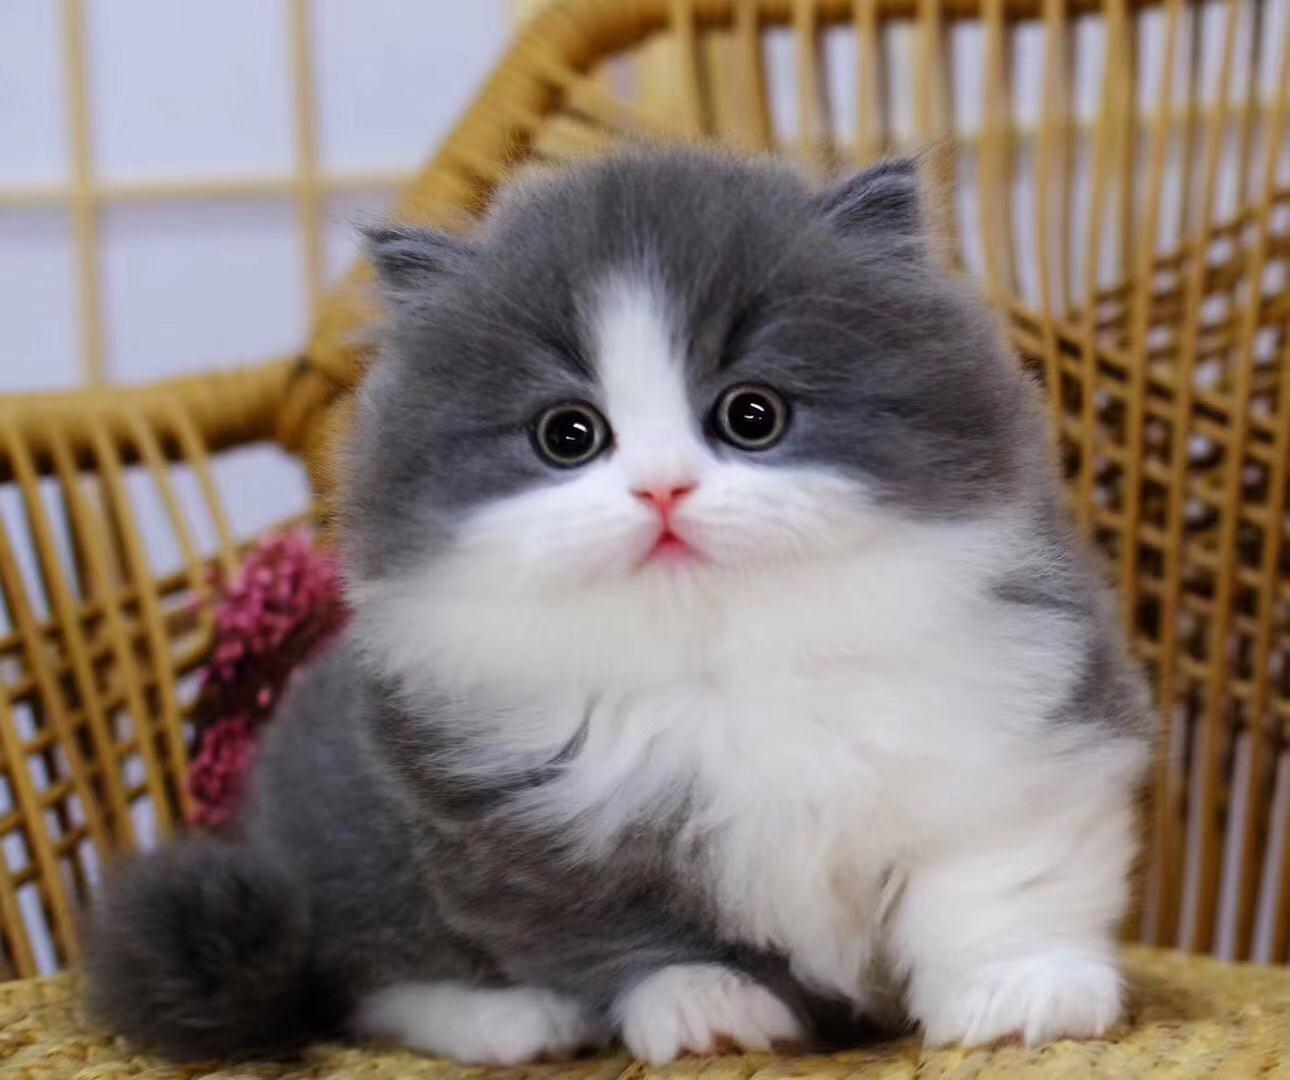 权威机构认证猫舍、专业曼基康猫培育、完美售后服务